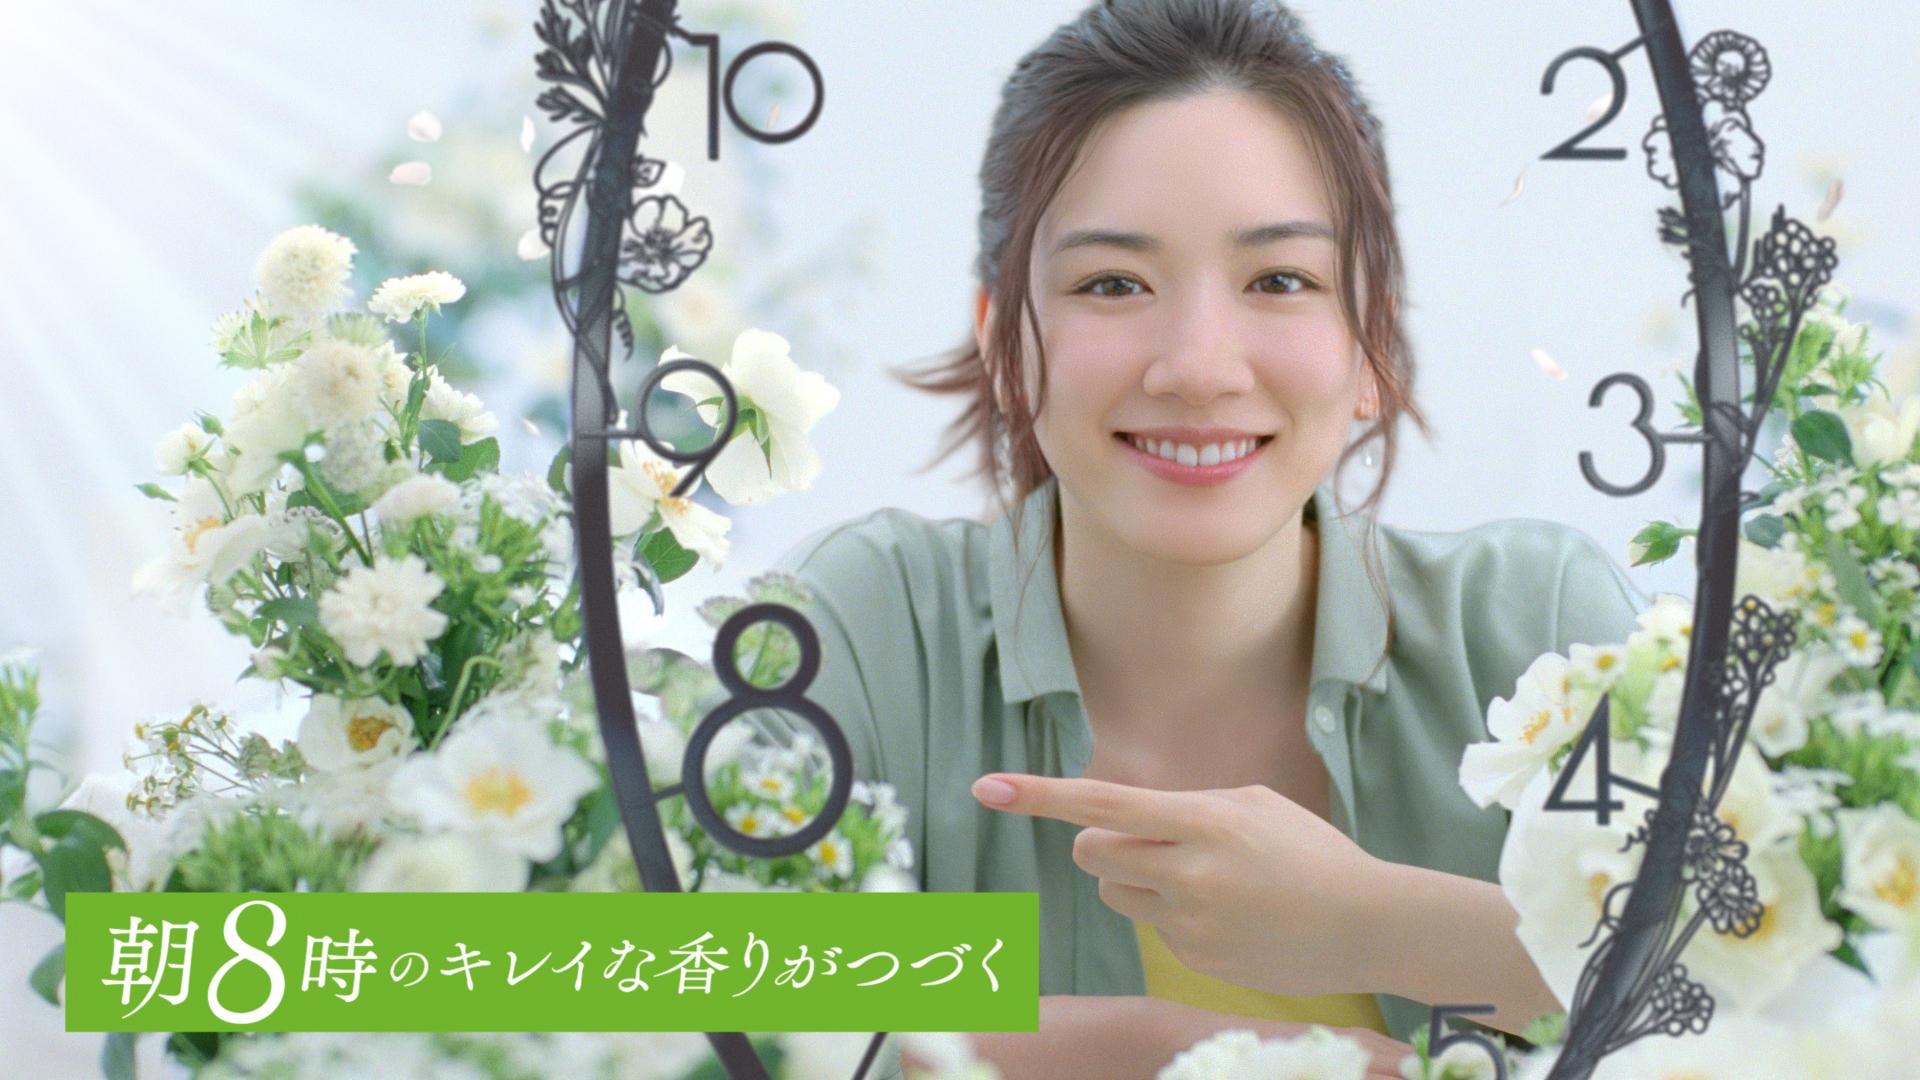 永野芽郁 出演「フレア フレグランス」新CM